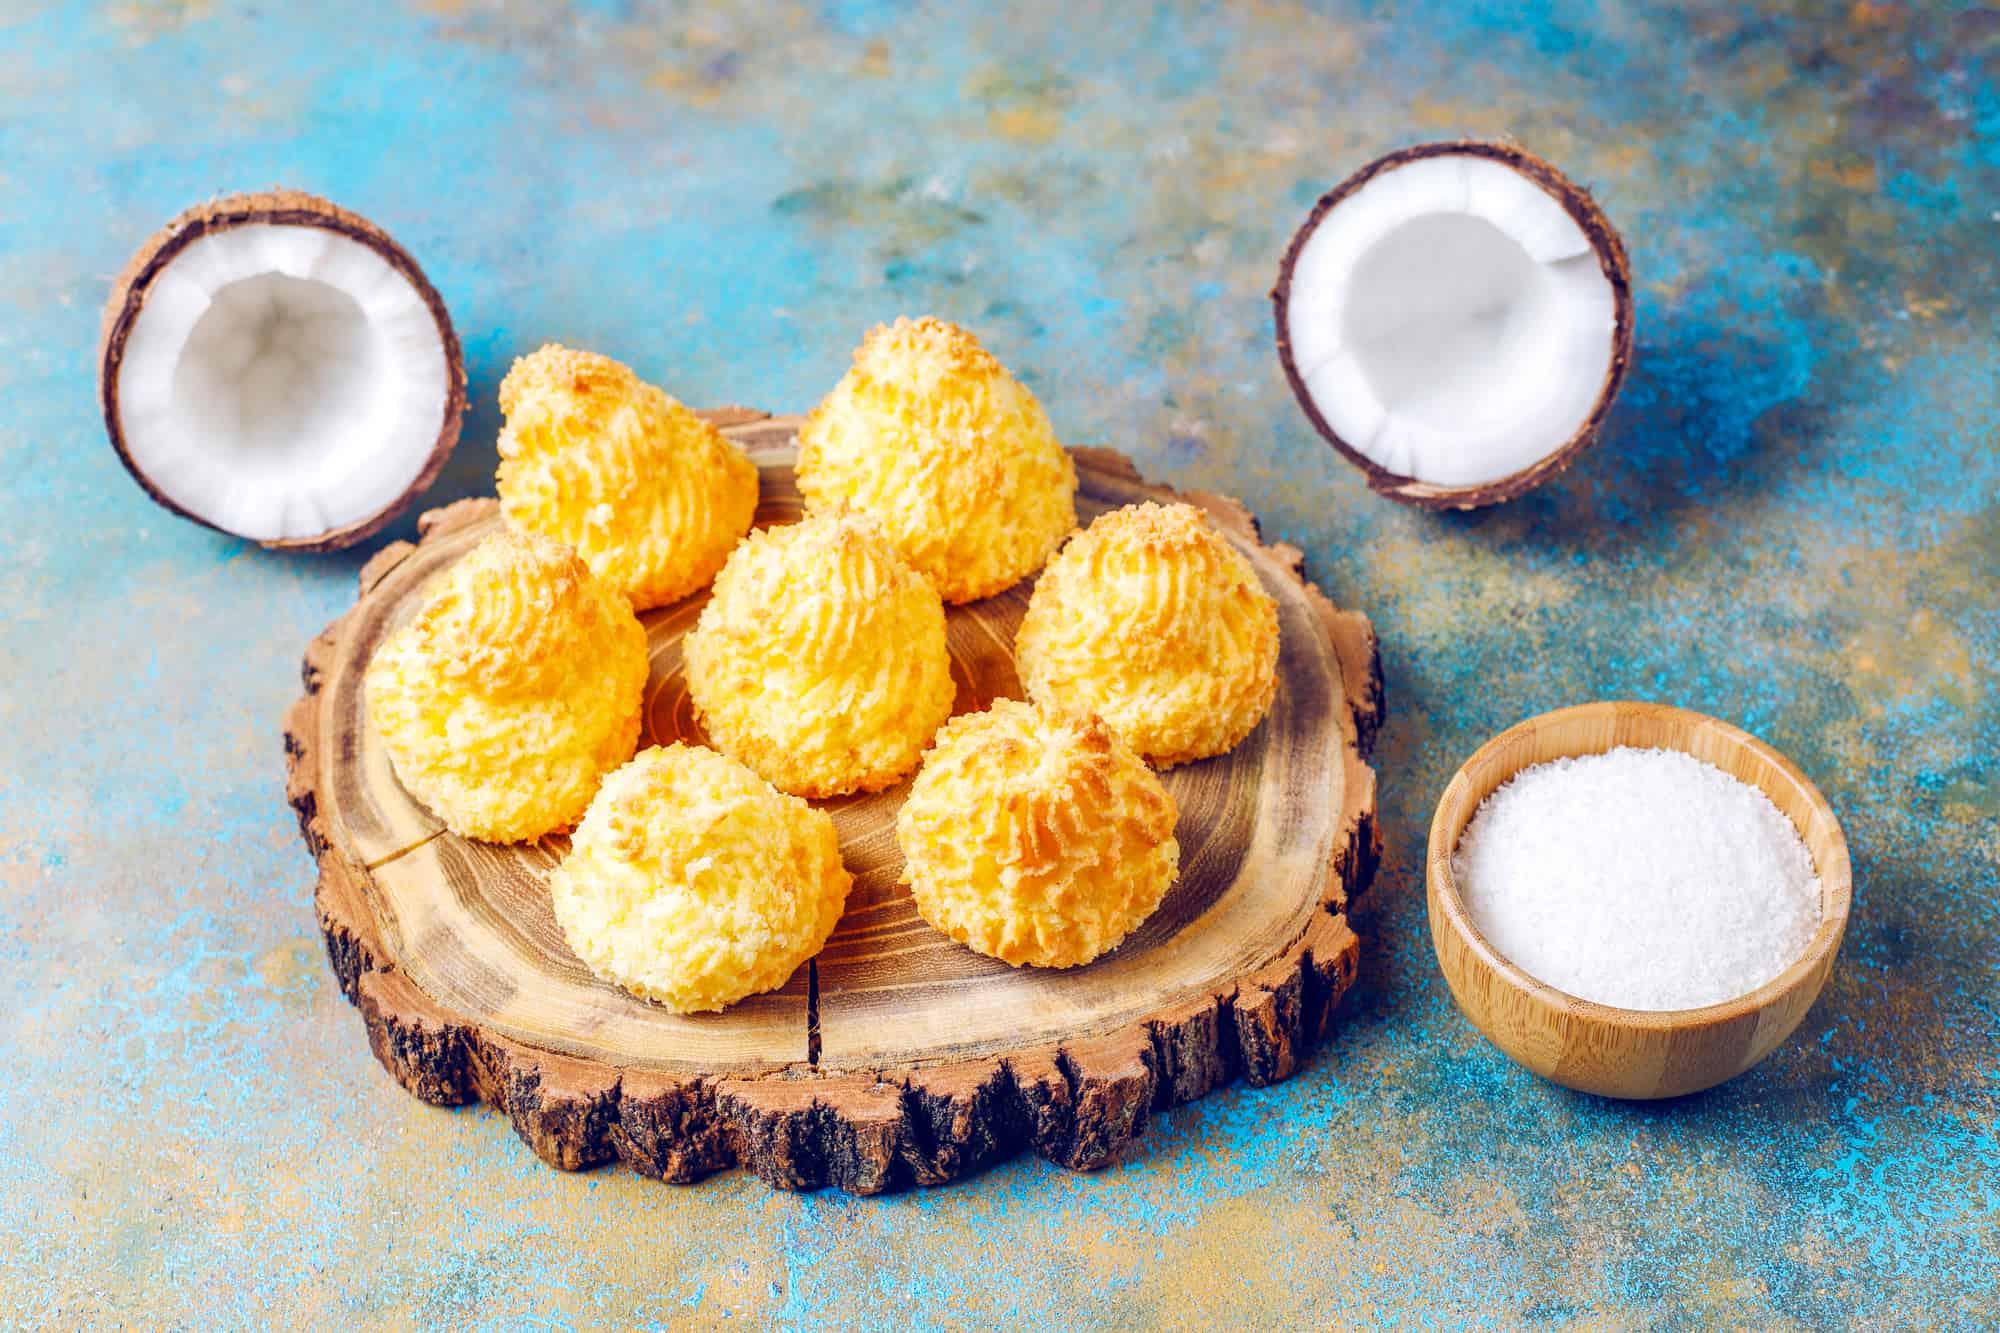 Кондитер подсказывает, как добиться воздушности кокосового печенья Кулинария,Выпечка,Готовка,Десерты,Кухня,Печенье,Рецепты,Сладости